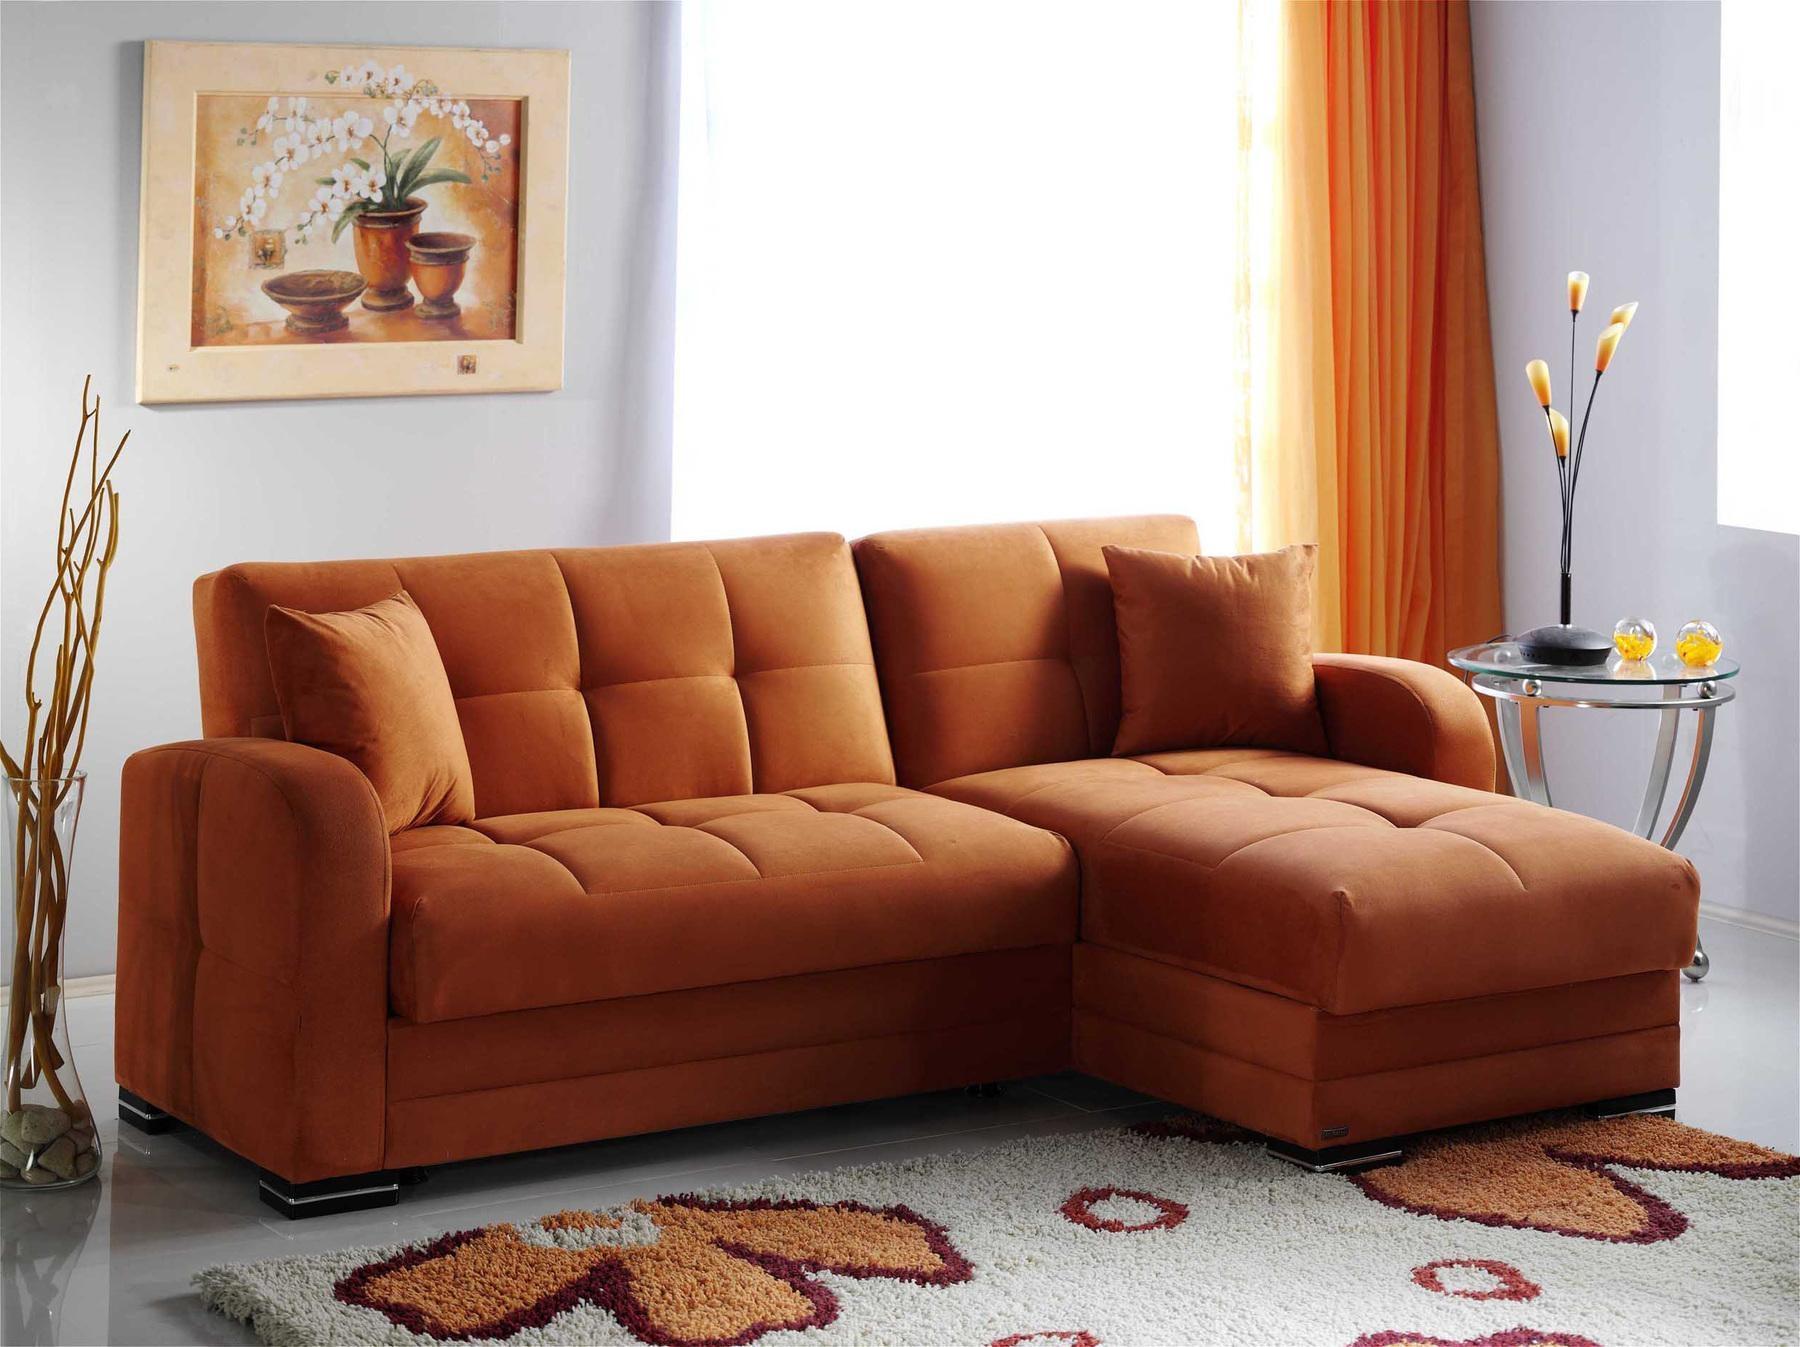 Kubo Orange Rf Sectional Sofa Su Kubo Sunset Furniture Sectional Regarding Orange Sectional Sofas (Image 12 of 20)